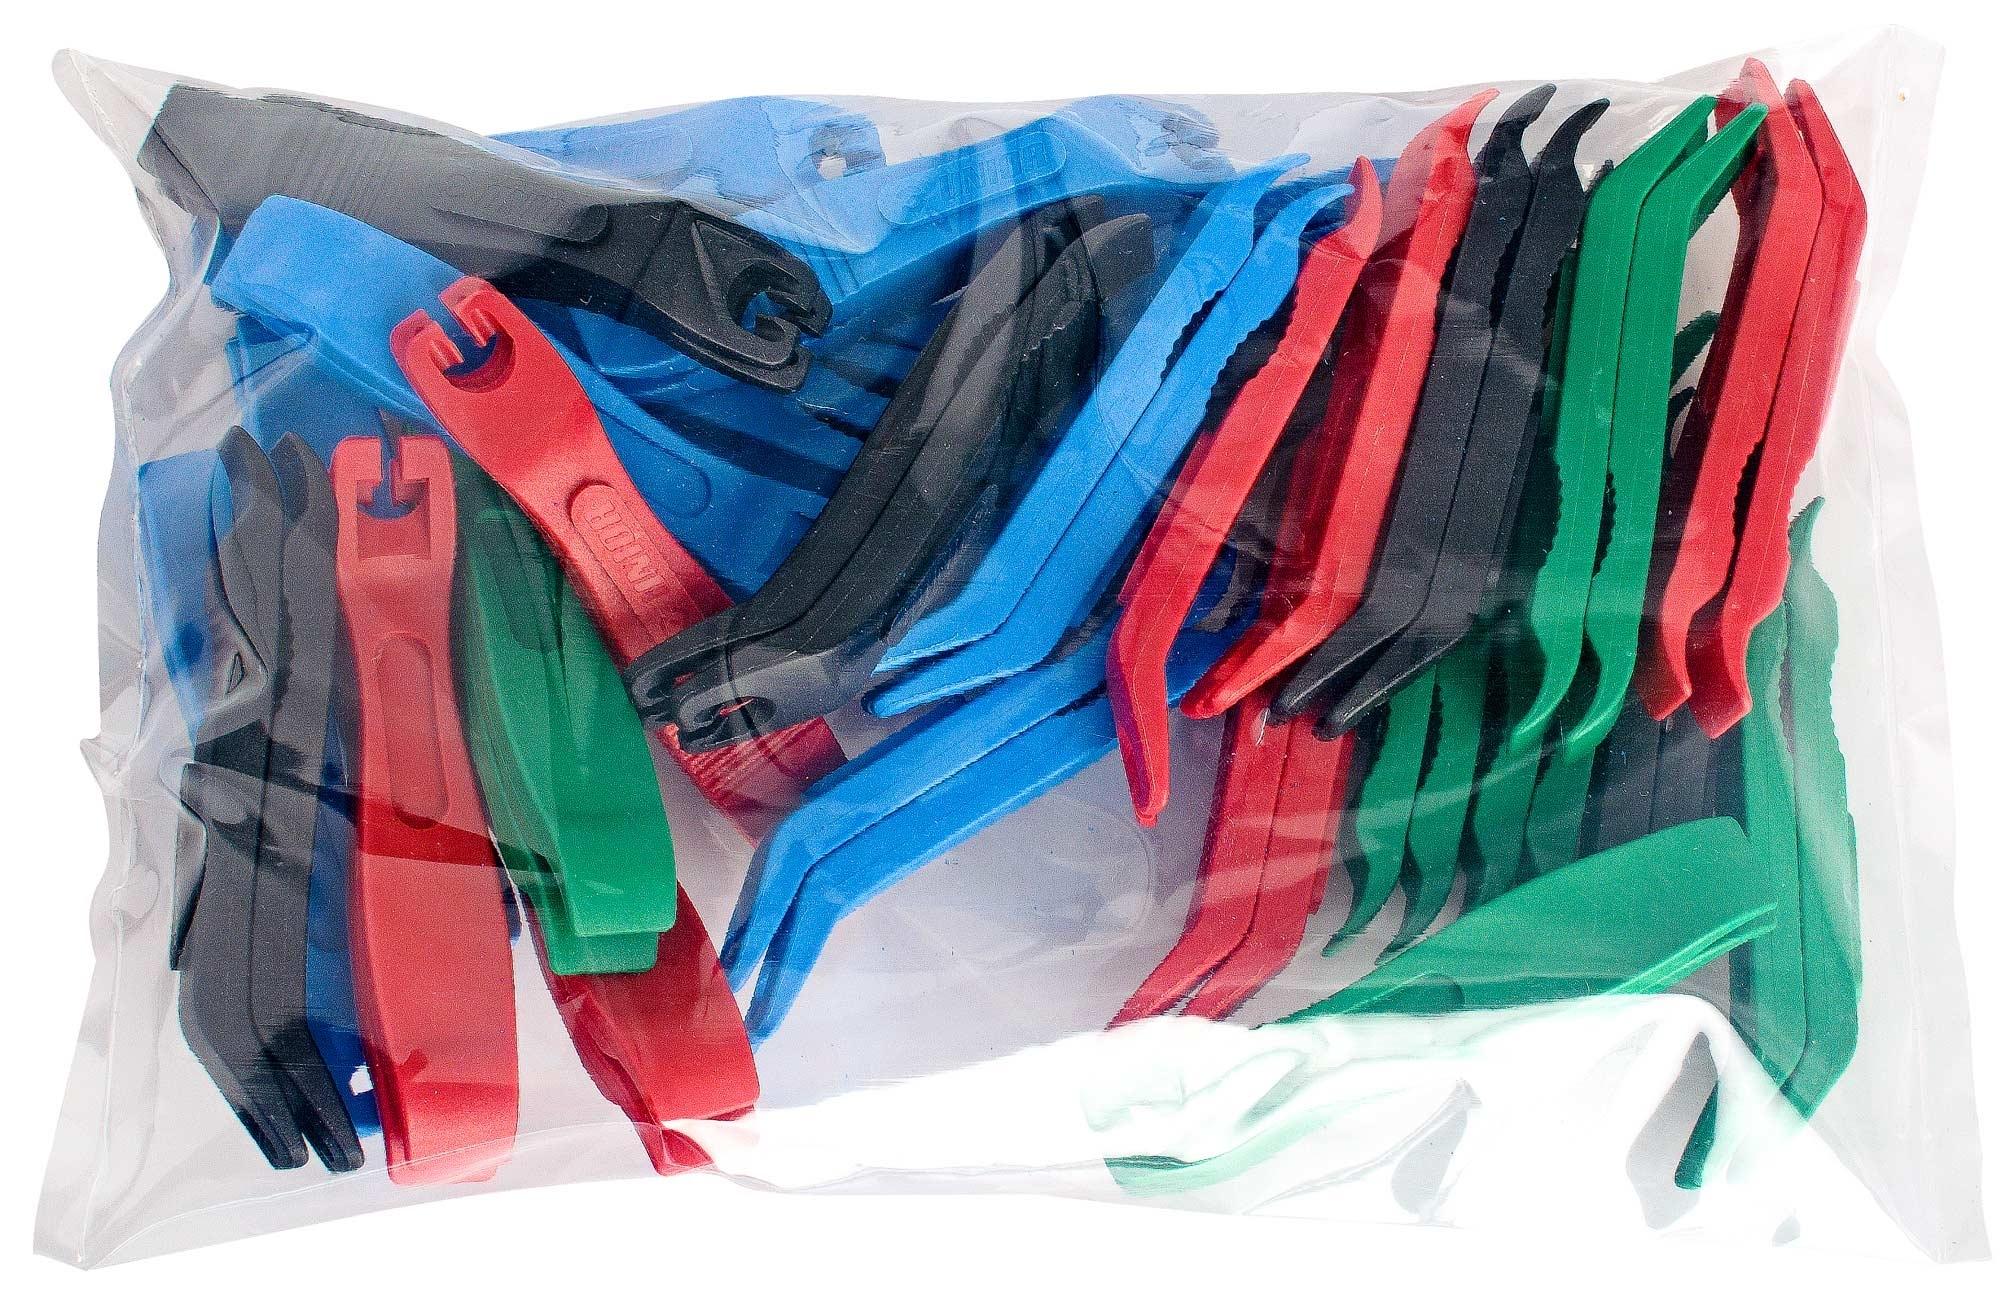 montážní páčky UNIOR plastové sada 27ks k doplnění